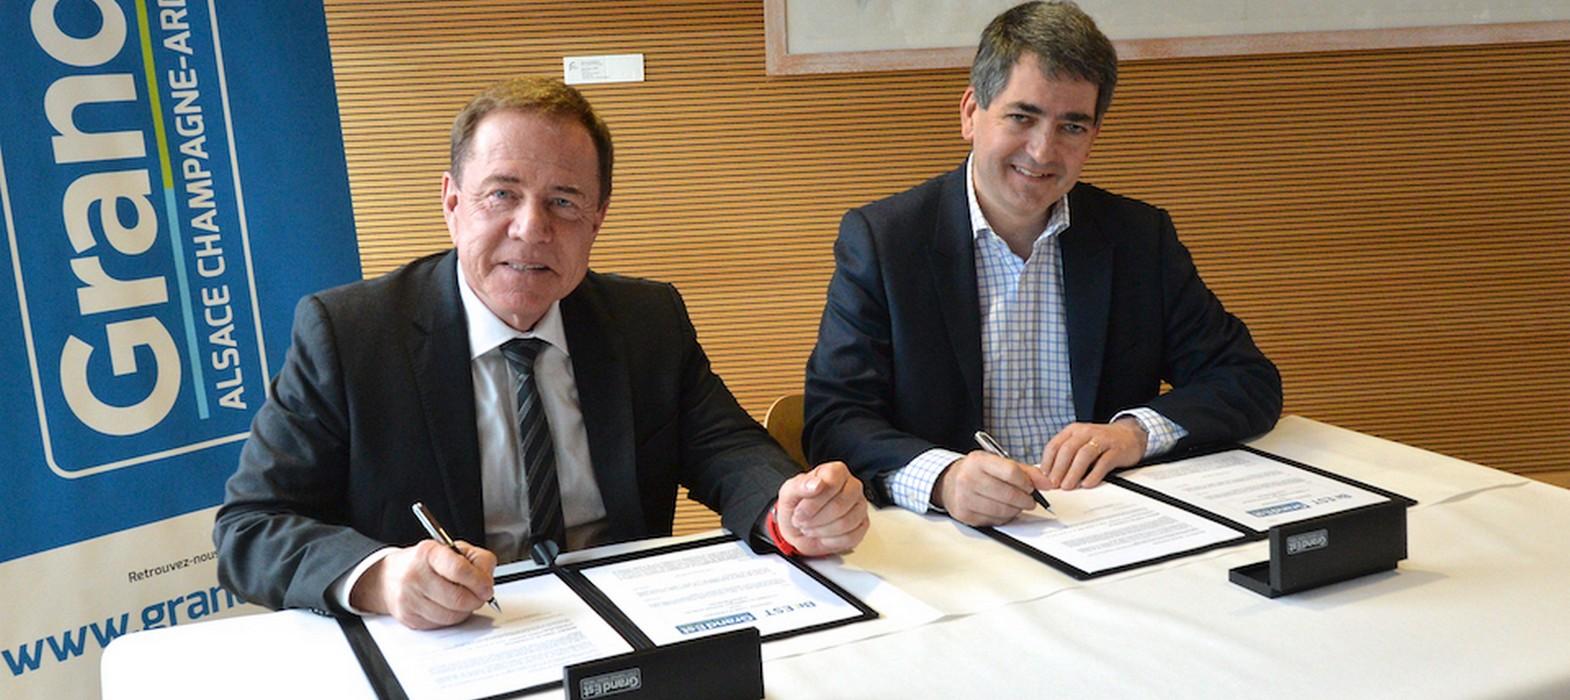 Signature d'une convention de partenariat entre Jean Rottner, Président de la Région Grand Est et Gilbert Stimpflin, Président de la CCI Grand Est